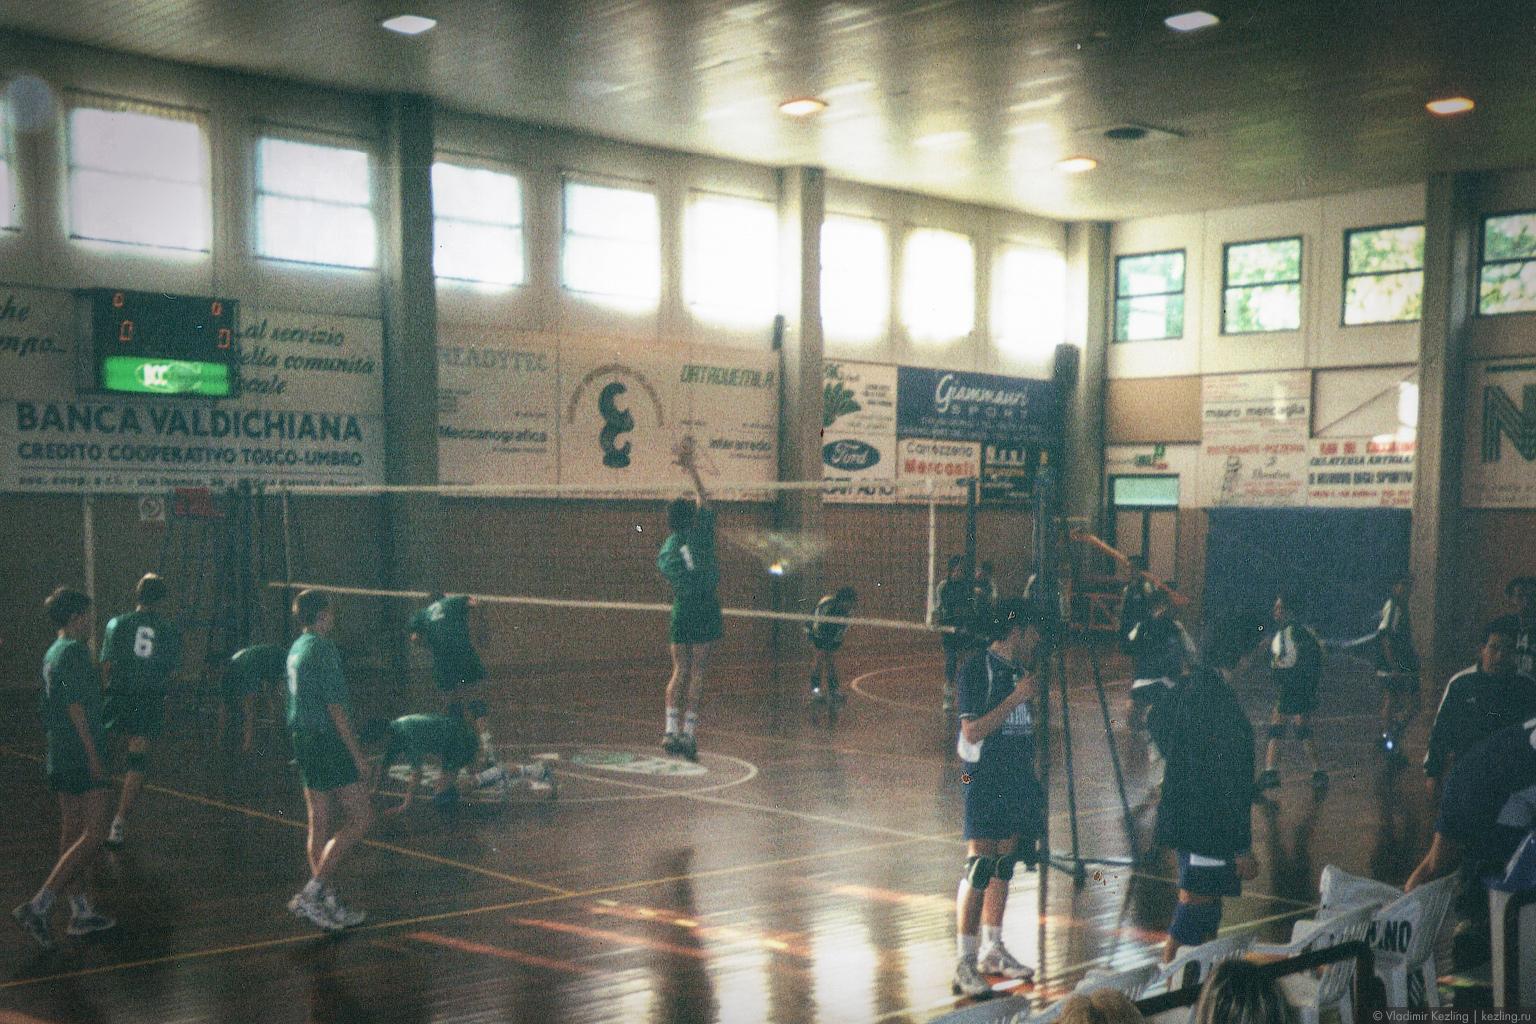 Первая поездка заграницу: я — игрок команды СГДЮШОР Санкт-Петербурга по волейболу, мой номер — один. Перуджа, Италия, 2002